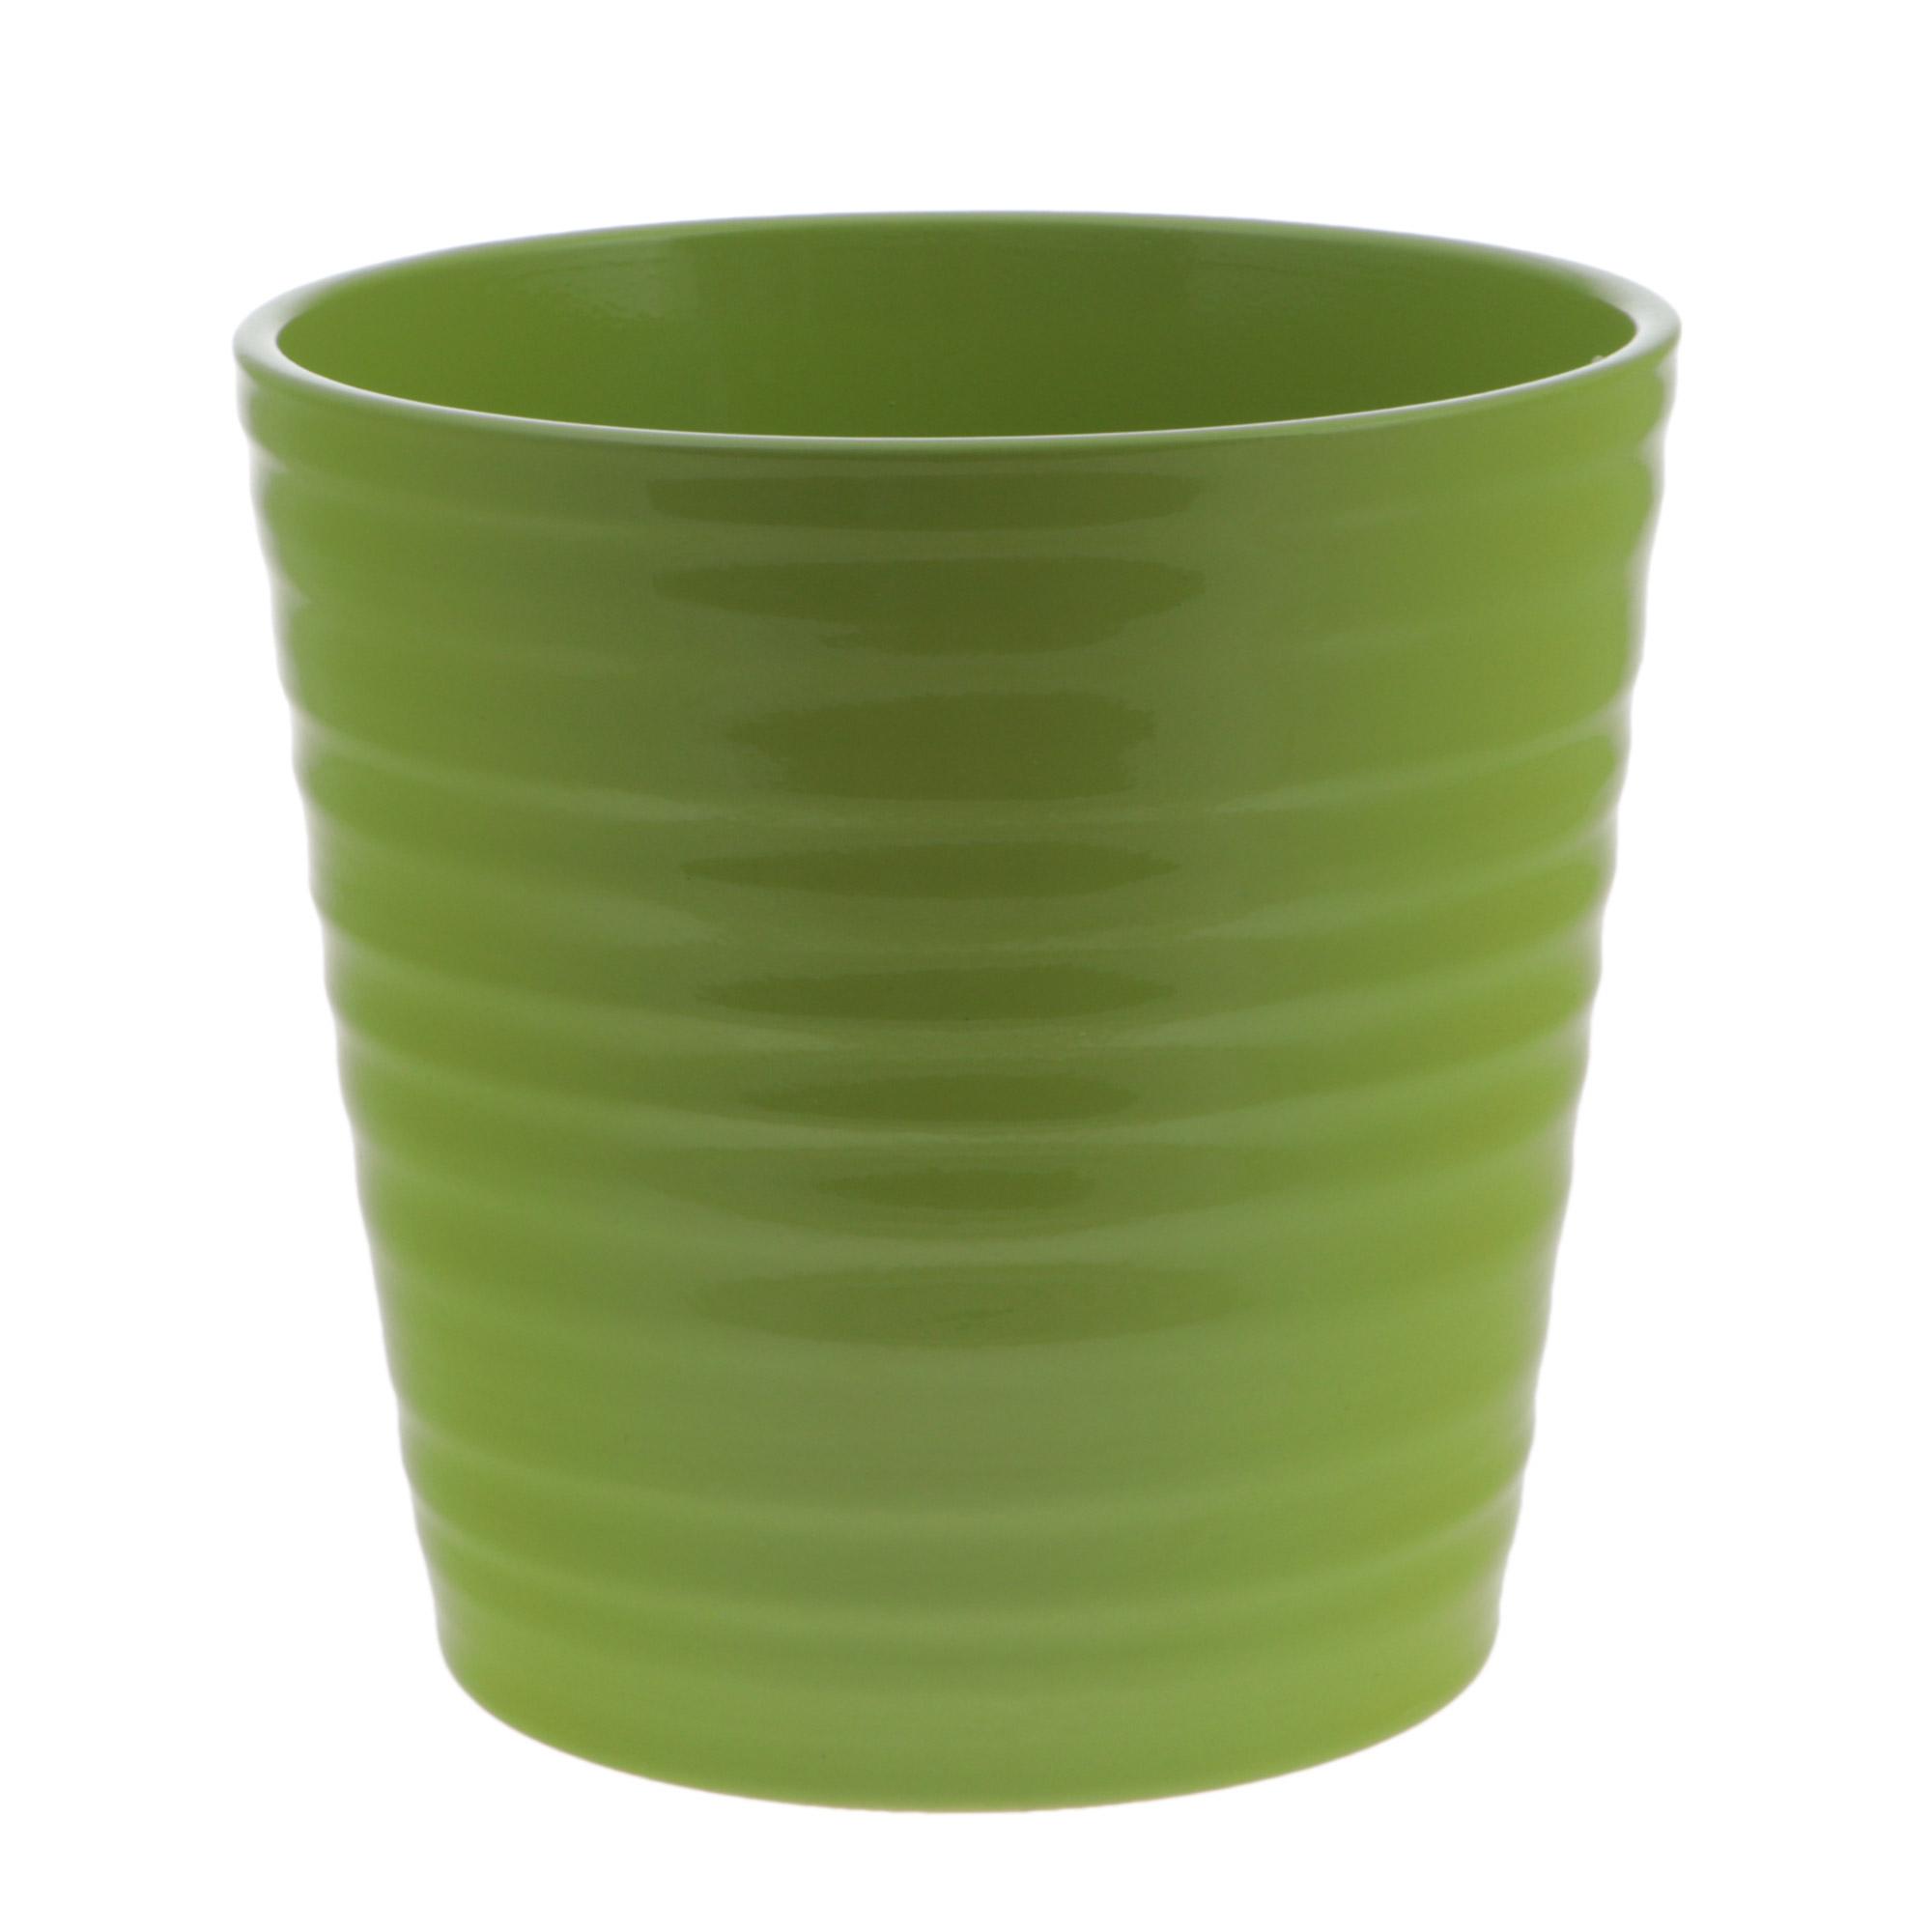 Кашпо Soendgen canberra d13 глянец зеленый недорого